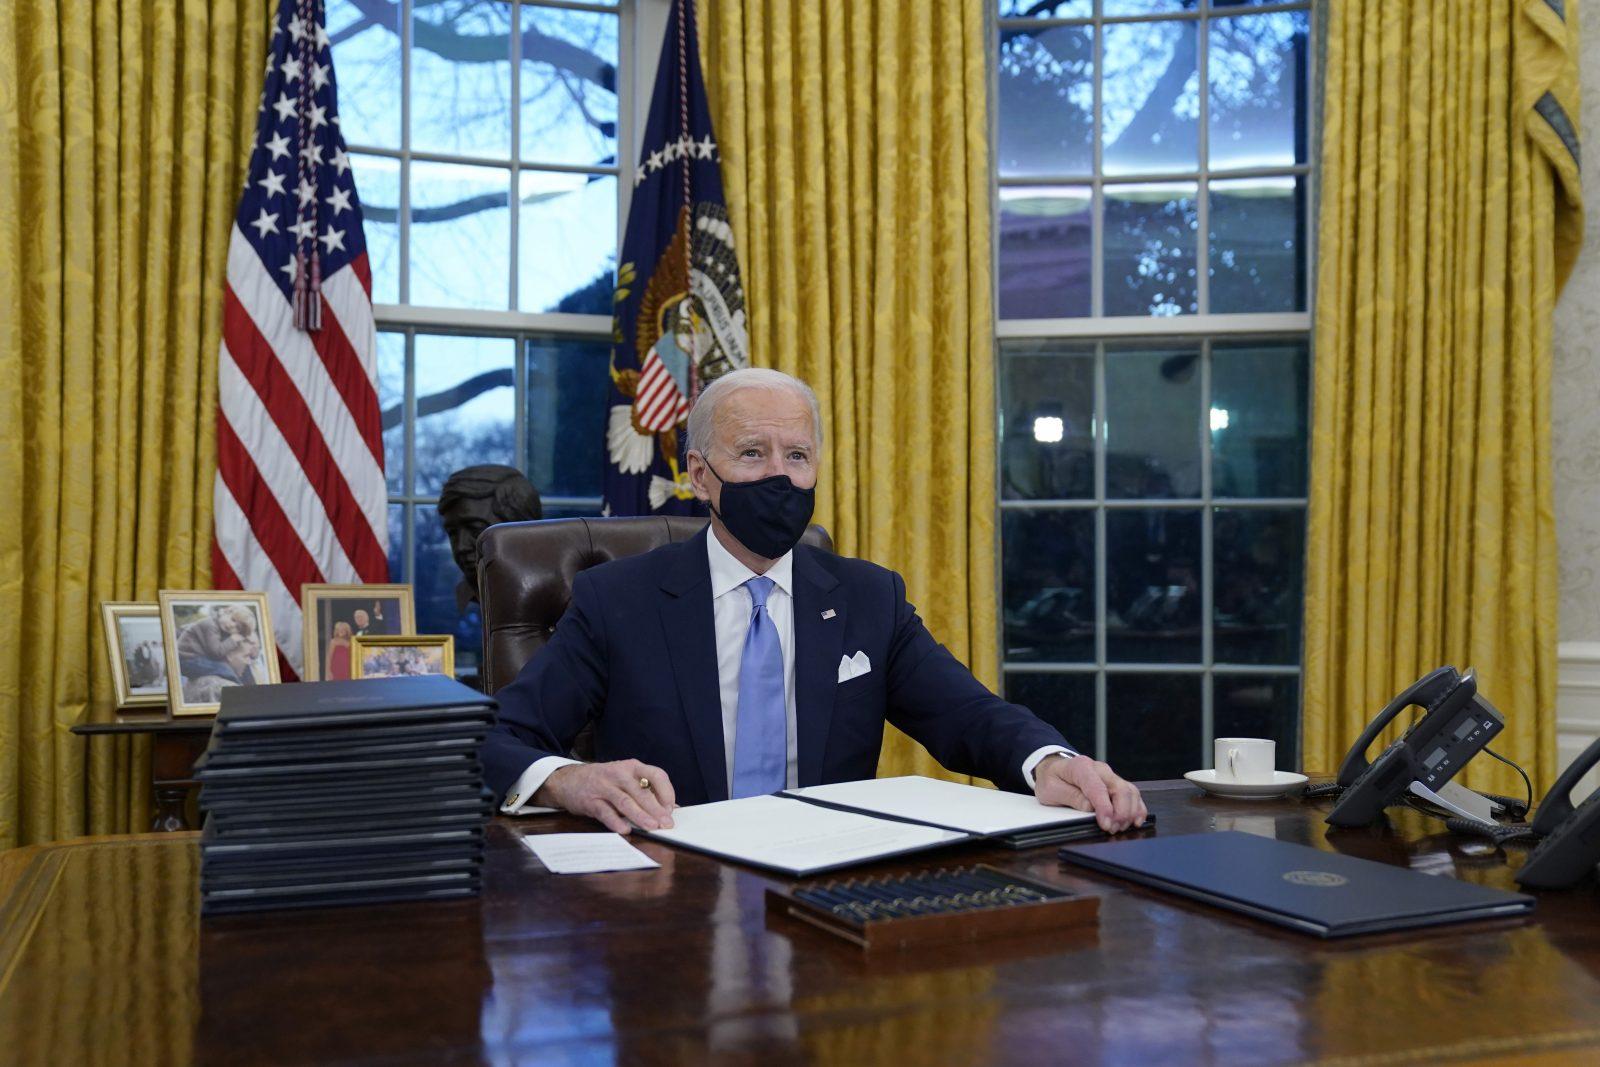 Der neue US-Präsident Joe Biden unterzeichnet nach dem Amtseid erste Verordnungen Foto: picture alliance / ASSOCIATED PRESS | Evan Vucci